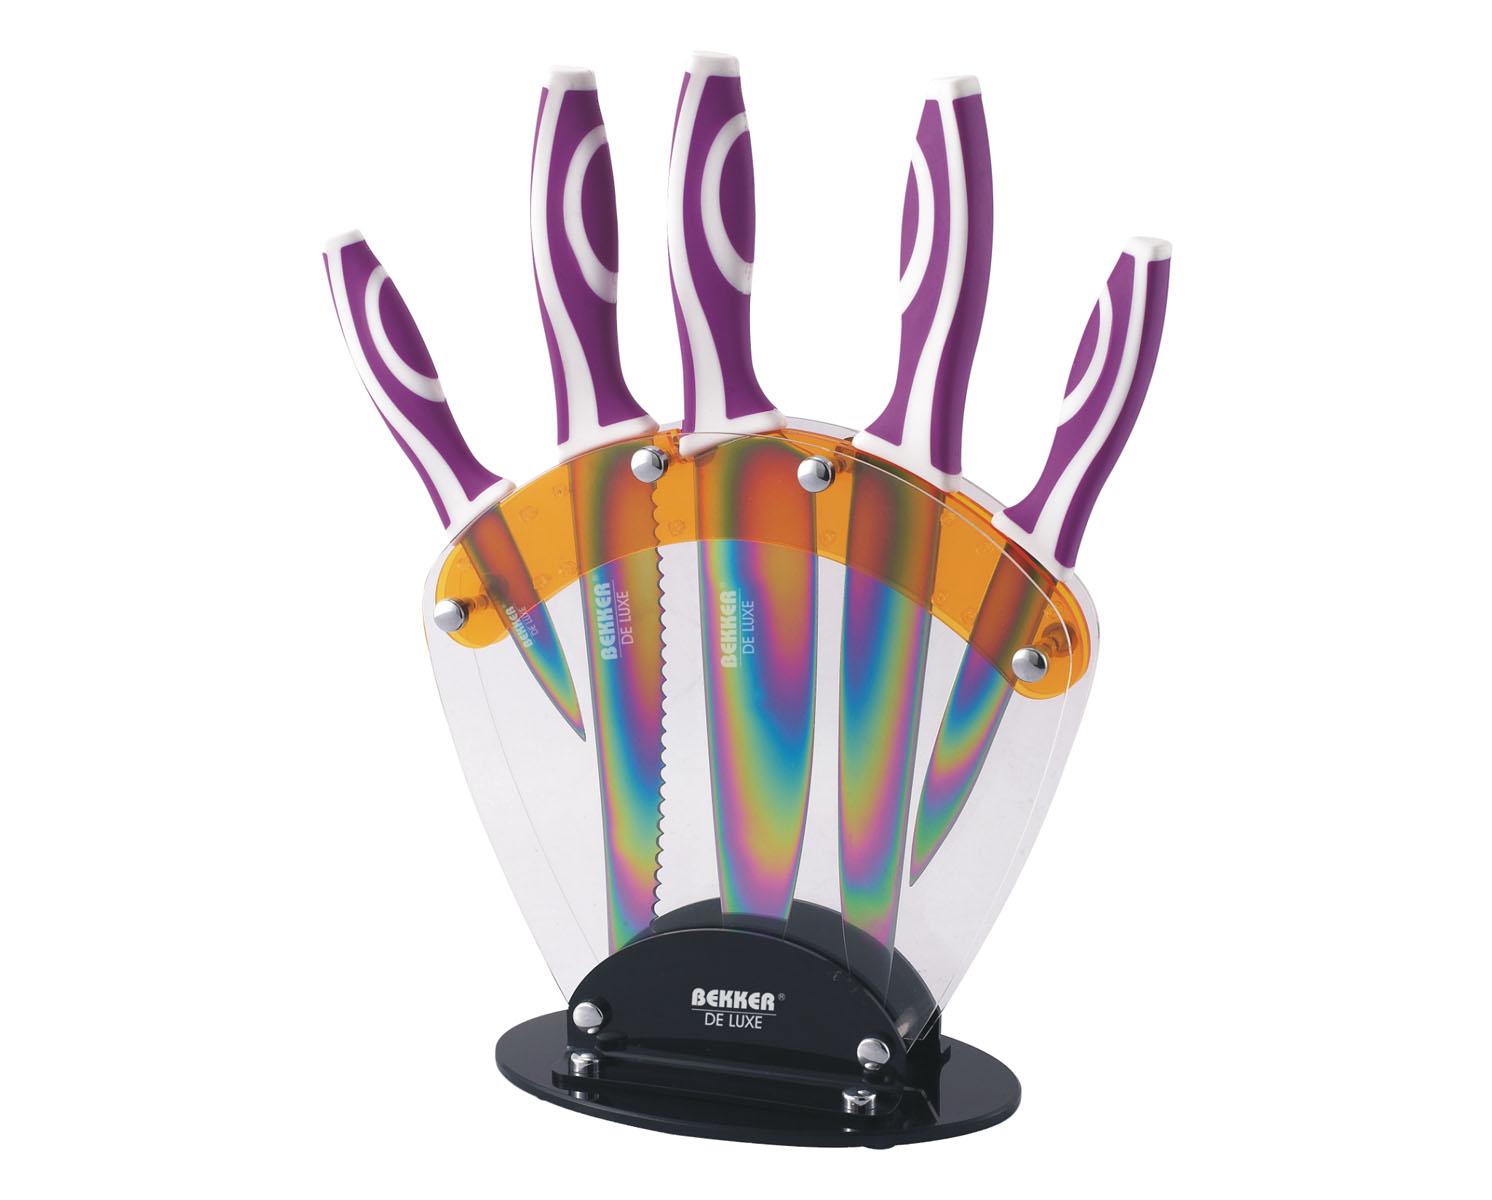 Набор ножей Bekker De Luxe, 6 предметов. BK-8427BK-8427Набор Bekker De Luxe состоит из 5 ножей (нож поварской, нож для резки хлеба, нож для тонкой нарезки, нож универсальный и нож для очистки) и подставки. Лезвия ножей выполнены из высококачественной нержавеющей стали с цветным покрытием Titanium. Ножи с таким покрытием держат заводскую заточку в несколько раз дольше, чем обычные стальные ножи. Продукты, которые вы нарезаете таким ножом, не прилипают к лезвию, не вступают в химическую реакцию, не окисляются и не намагничиваются, т.е. сохраняют все свои полезные свойства. Ножи очень удобны в эксплуатации, не царапаются, легко моются. Эргономичные ручки выполнены из прорезиненного пластика. В набор входит: - Поварской нож. Имеет тяжелую ручку, толстое, широкое и длинное лезвие с центрированным острием. Все это позволяет рубить овощи, зелень, резать мороженое мясо, рыбу и птицу. - Нож для резки хлеба. Нож имеет широкое клиновидное лезвие с зазубренной заточкой. Подходит для различной выпечки и хлебобулочных изделий. ...